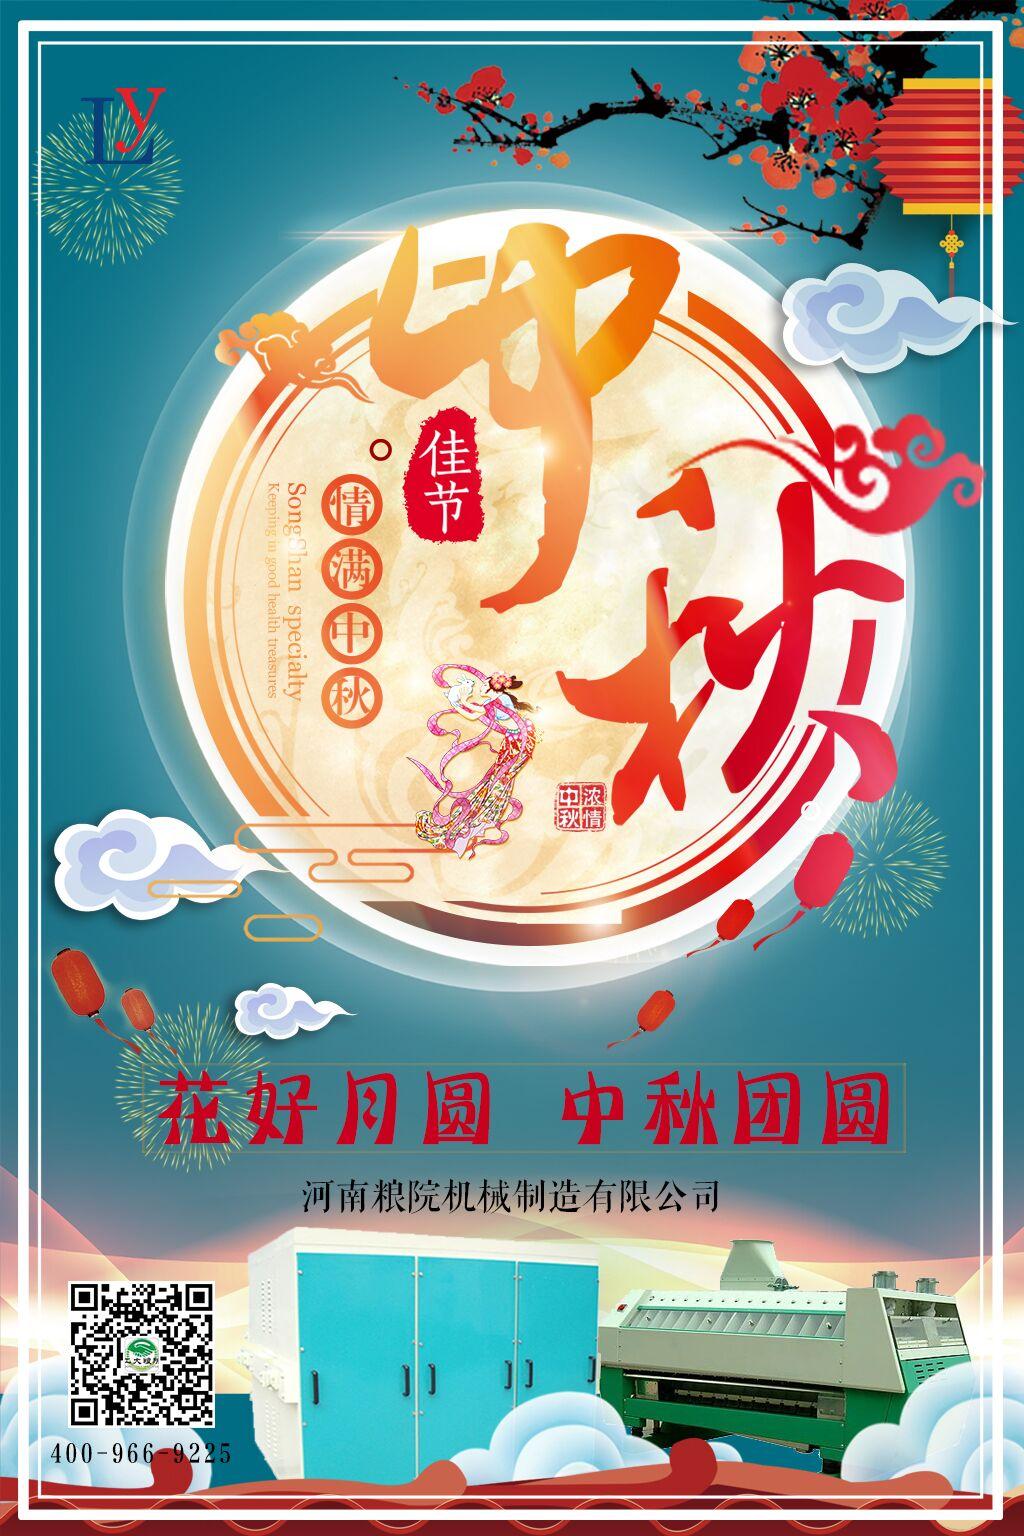 金沙国际注册娱乐网址祝大家2018年中秋节快乐!